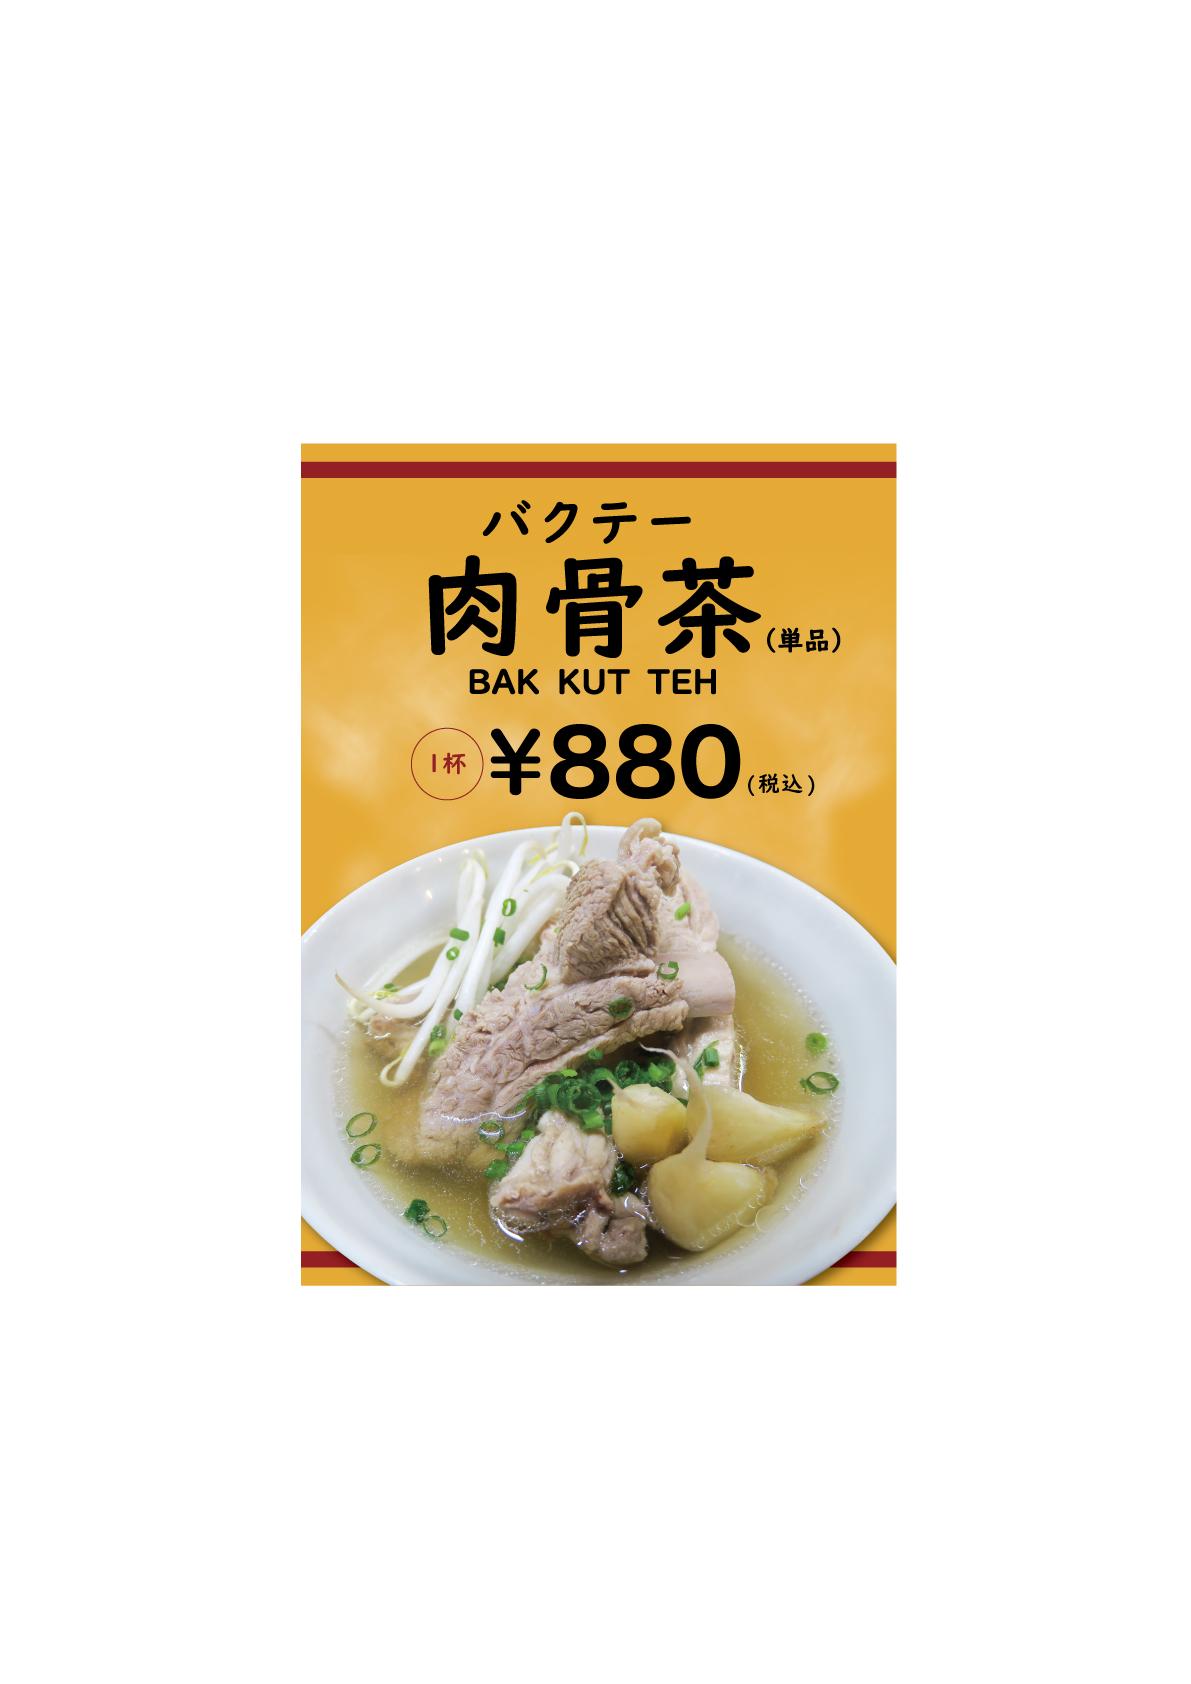 千代田区四番町THビル前に出店します。